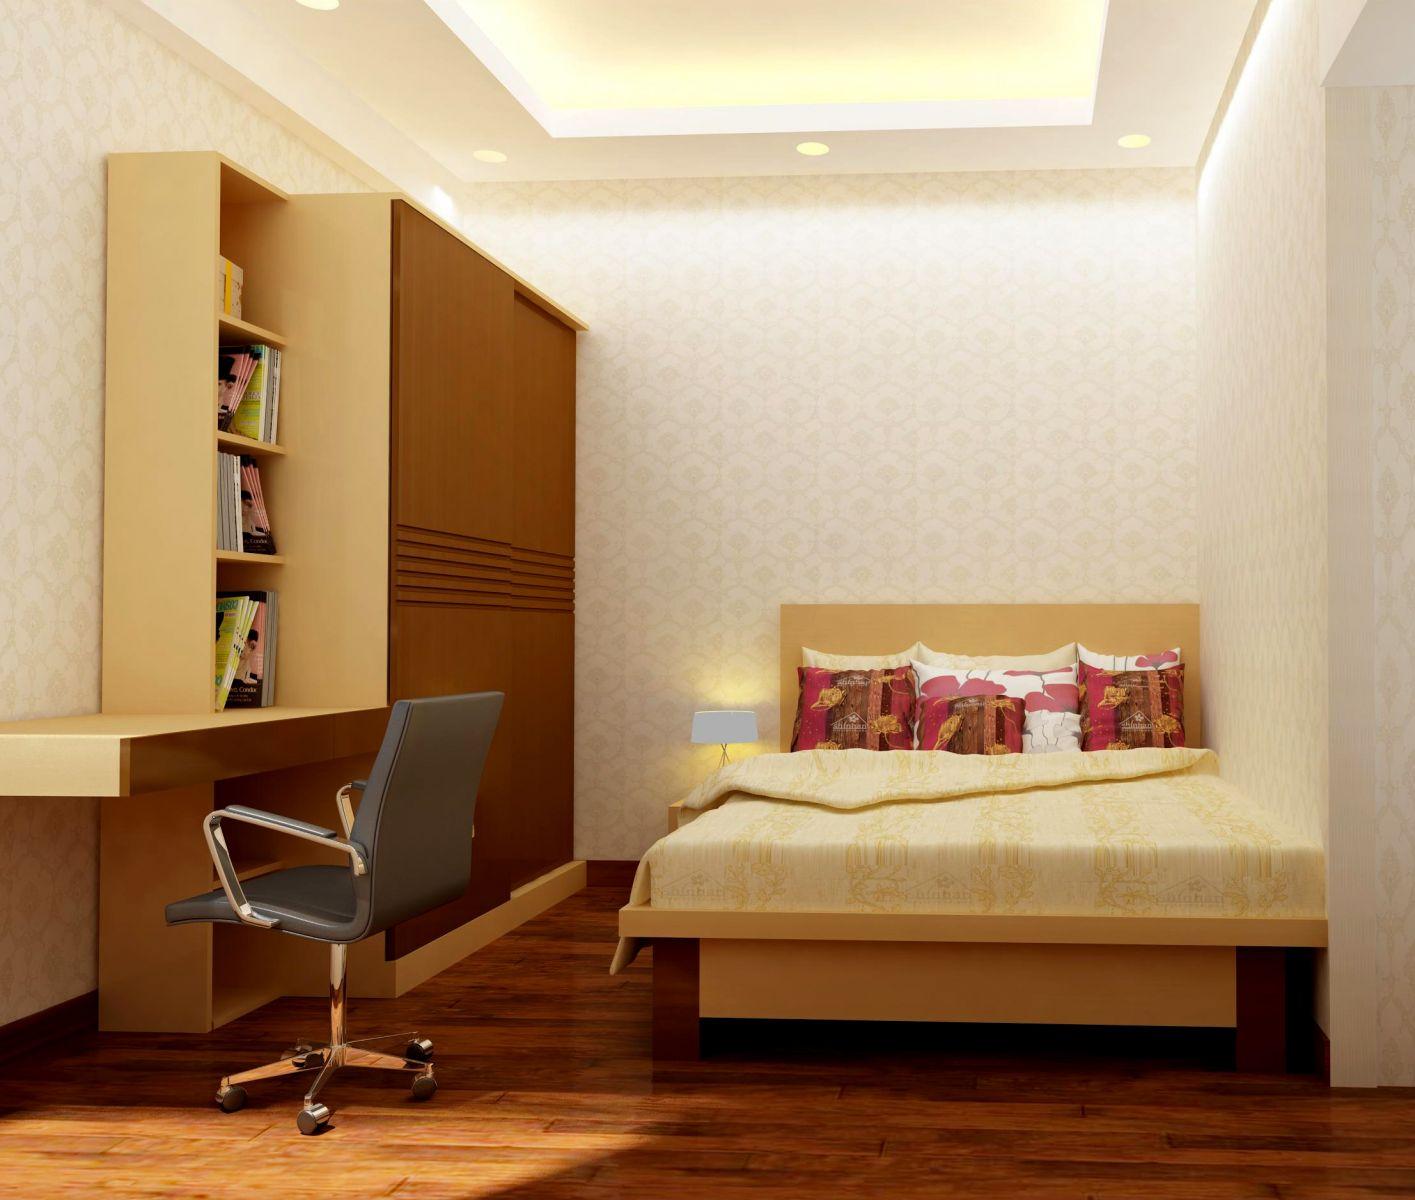 Kết quả hình ảnh cho nội thất phòng ngủ nhỏ